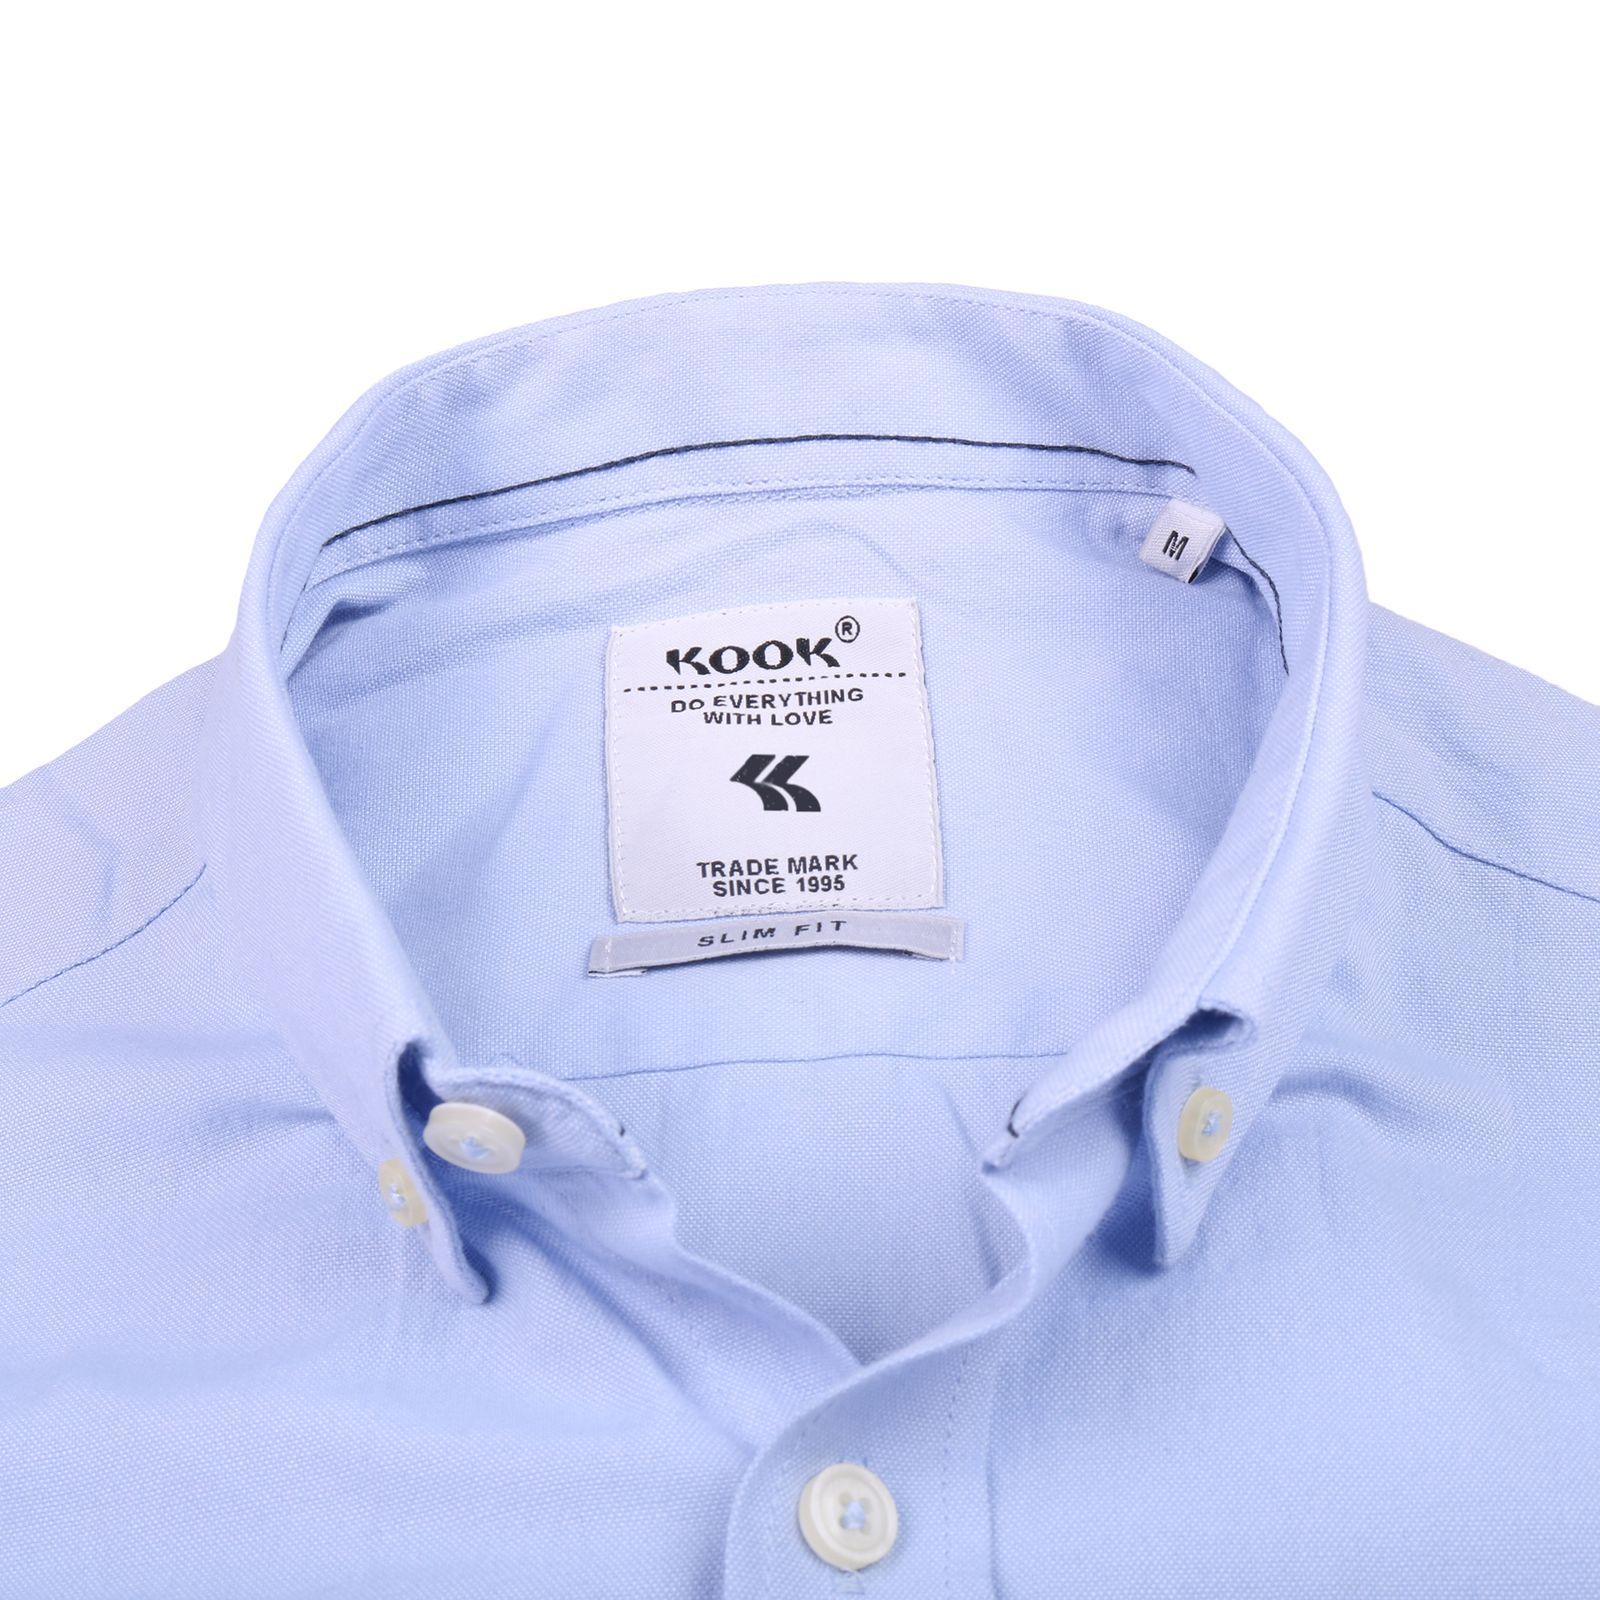 پیراهن مردانه کوک تریکو مدل 61727 -  - 4